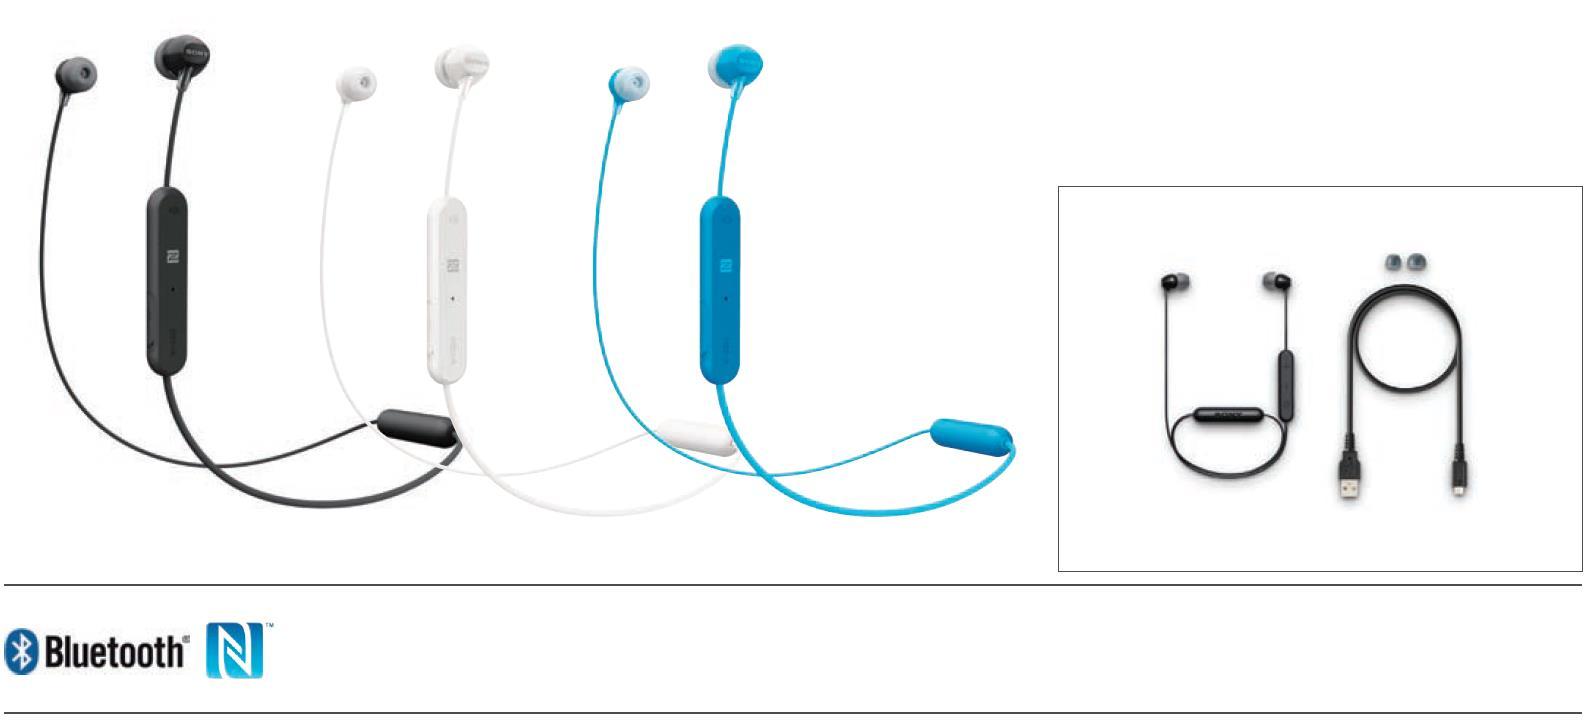 אוזניות Sony WI-C310B Bluetooth סוני - תמונה 8